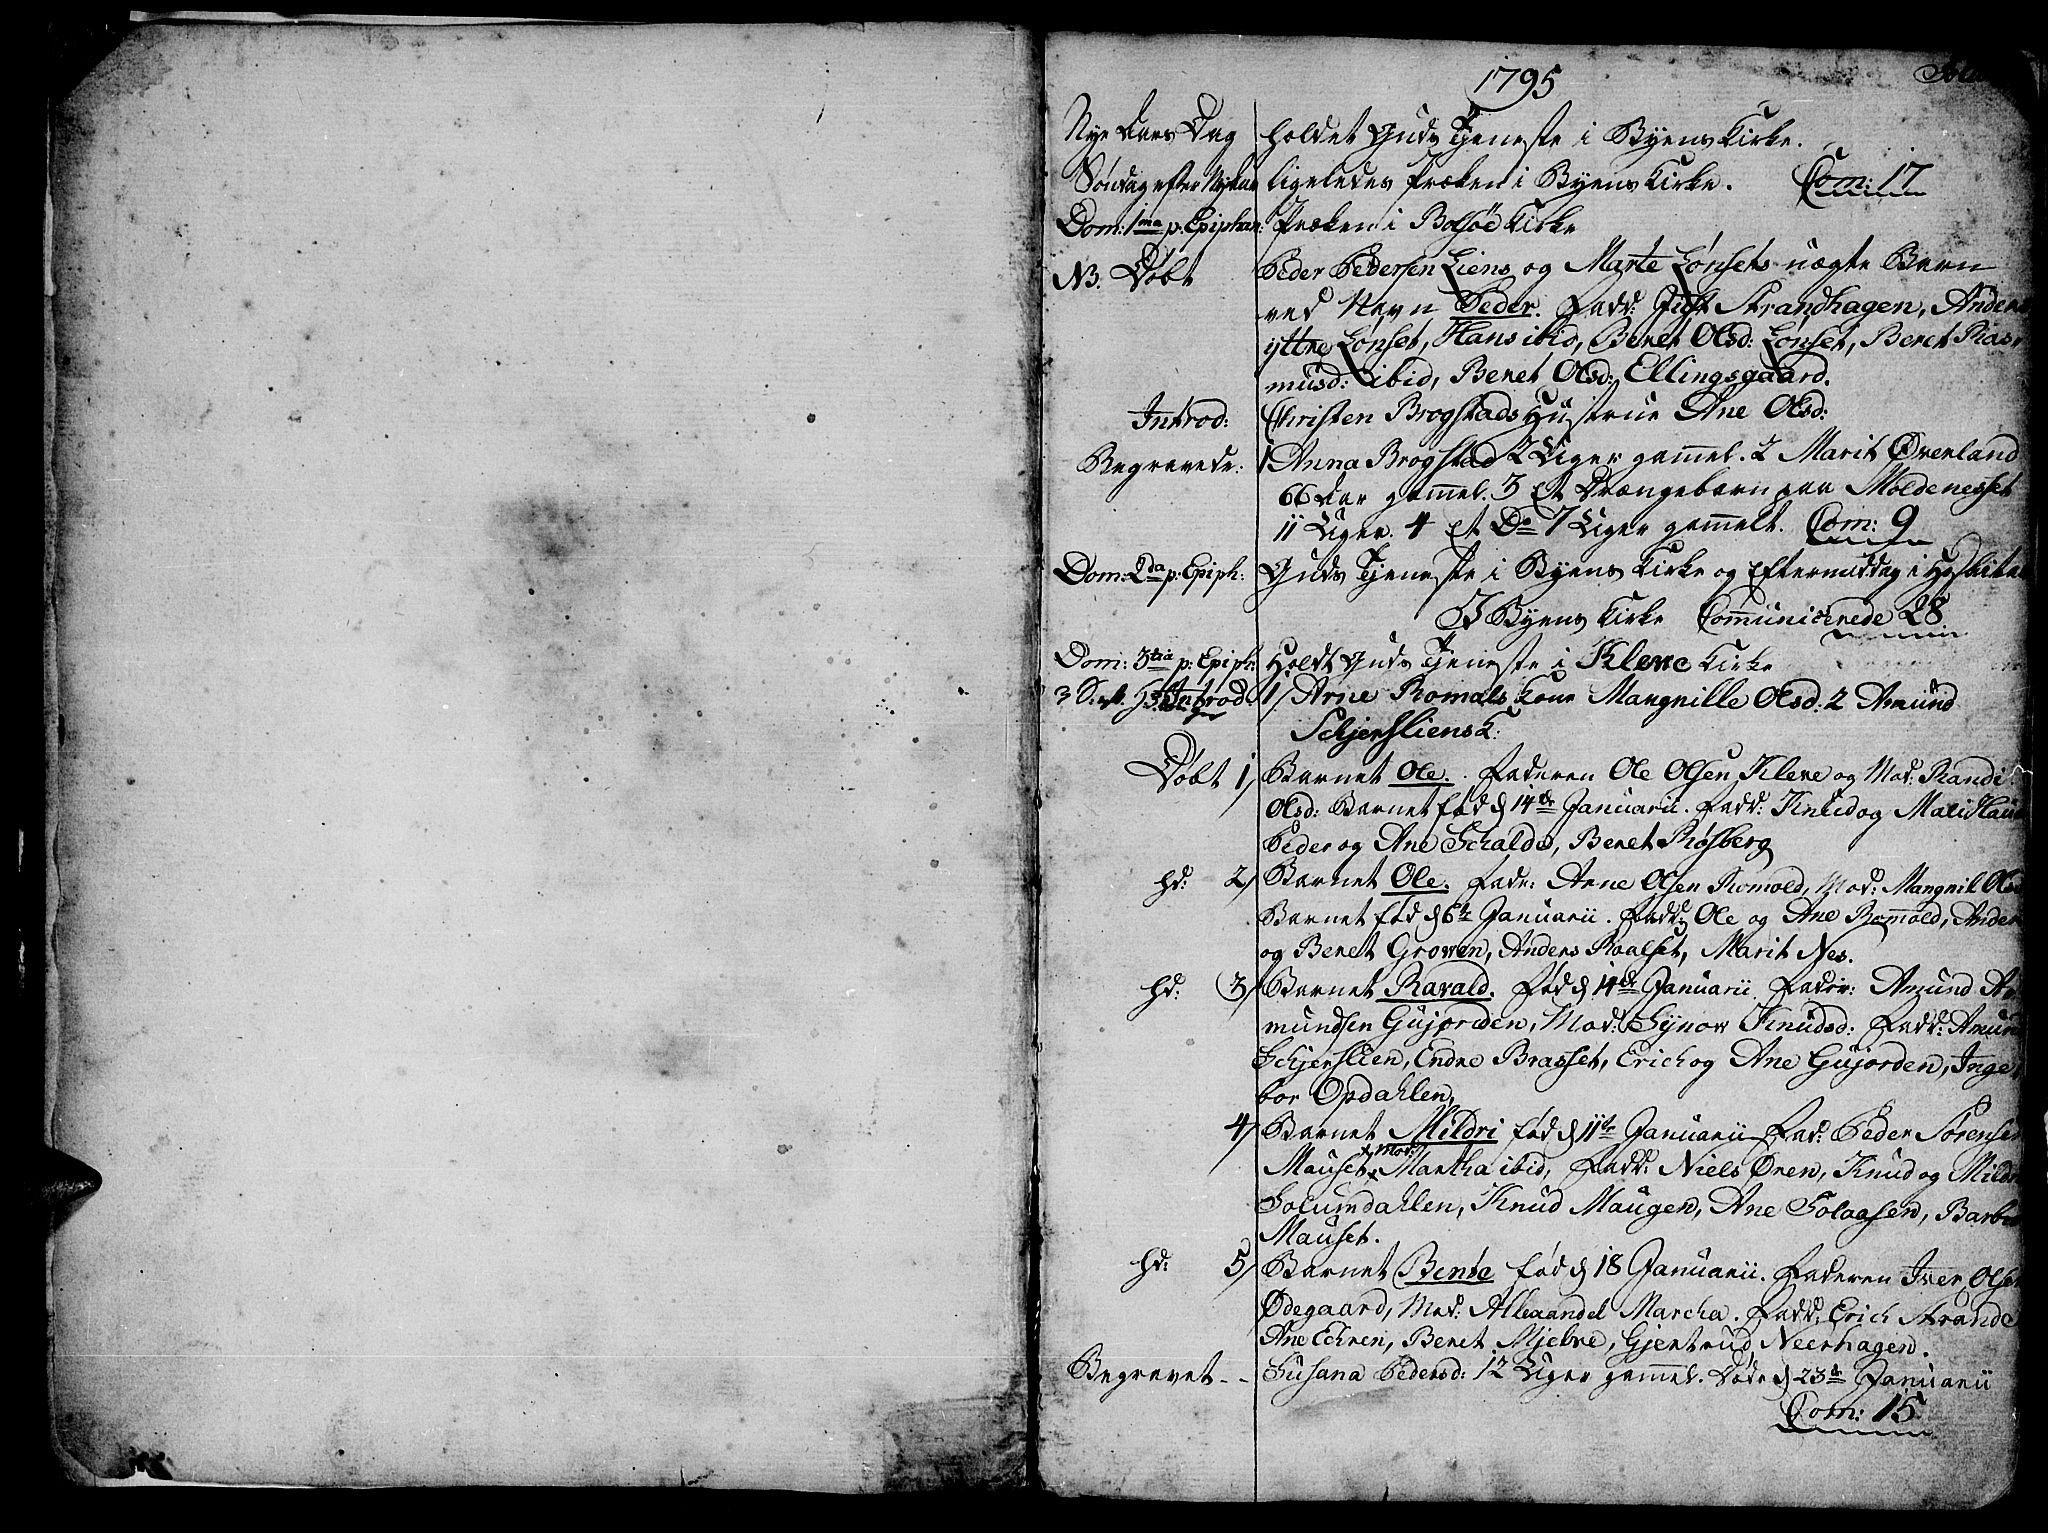 SAT, Ministerialprotokoller, klokkerbøker og fødselsregistre - Møre og Romsdal, 555/L0649: Ministerialbok nr. 555A02 /1, 1795-1821, s. 1